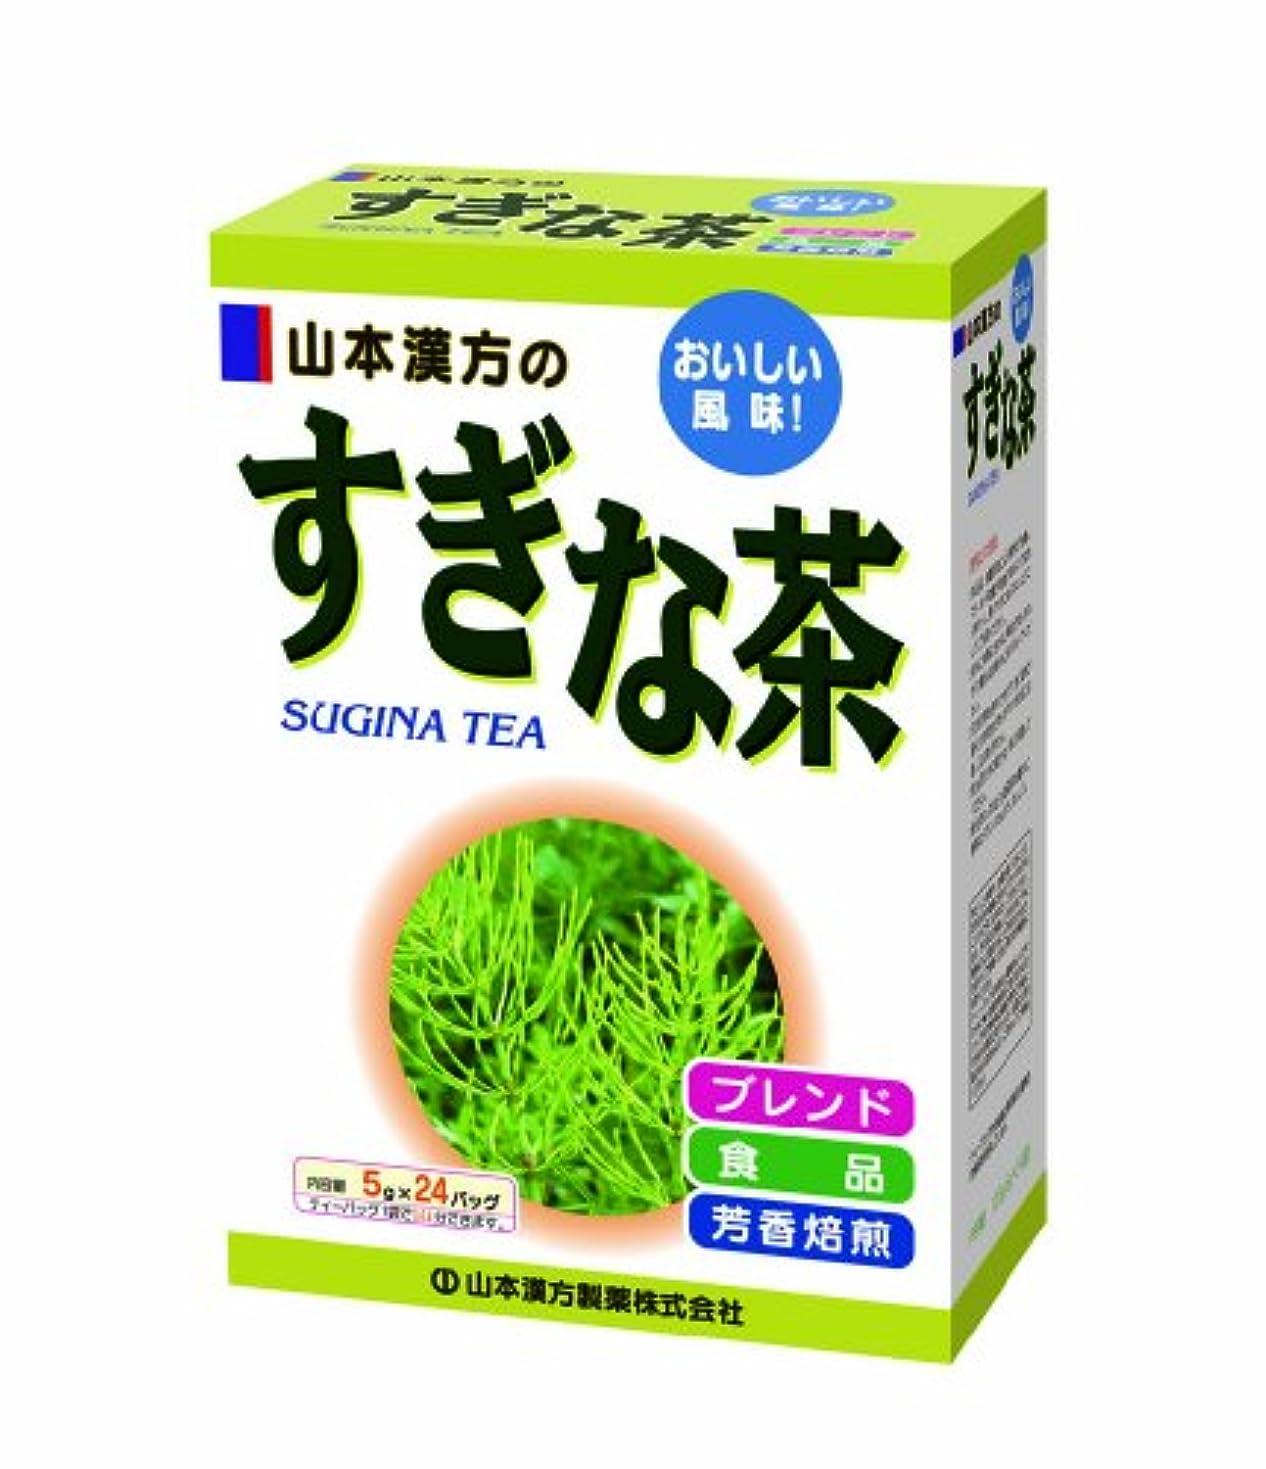 割り当て機関その他山本漢方製薬 すぎな茶 5gX24H